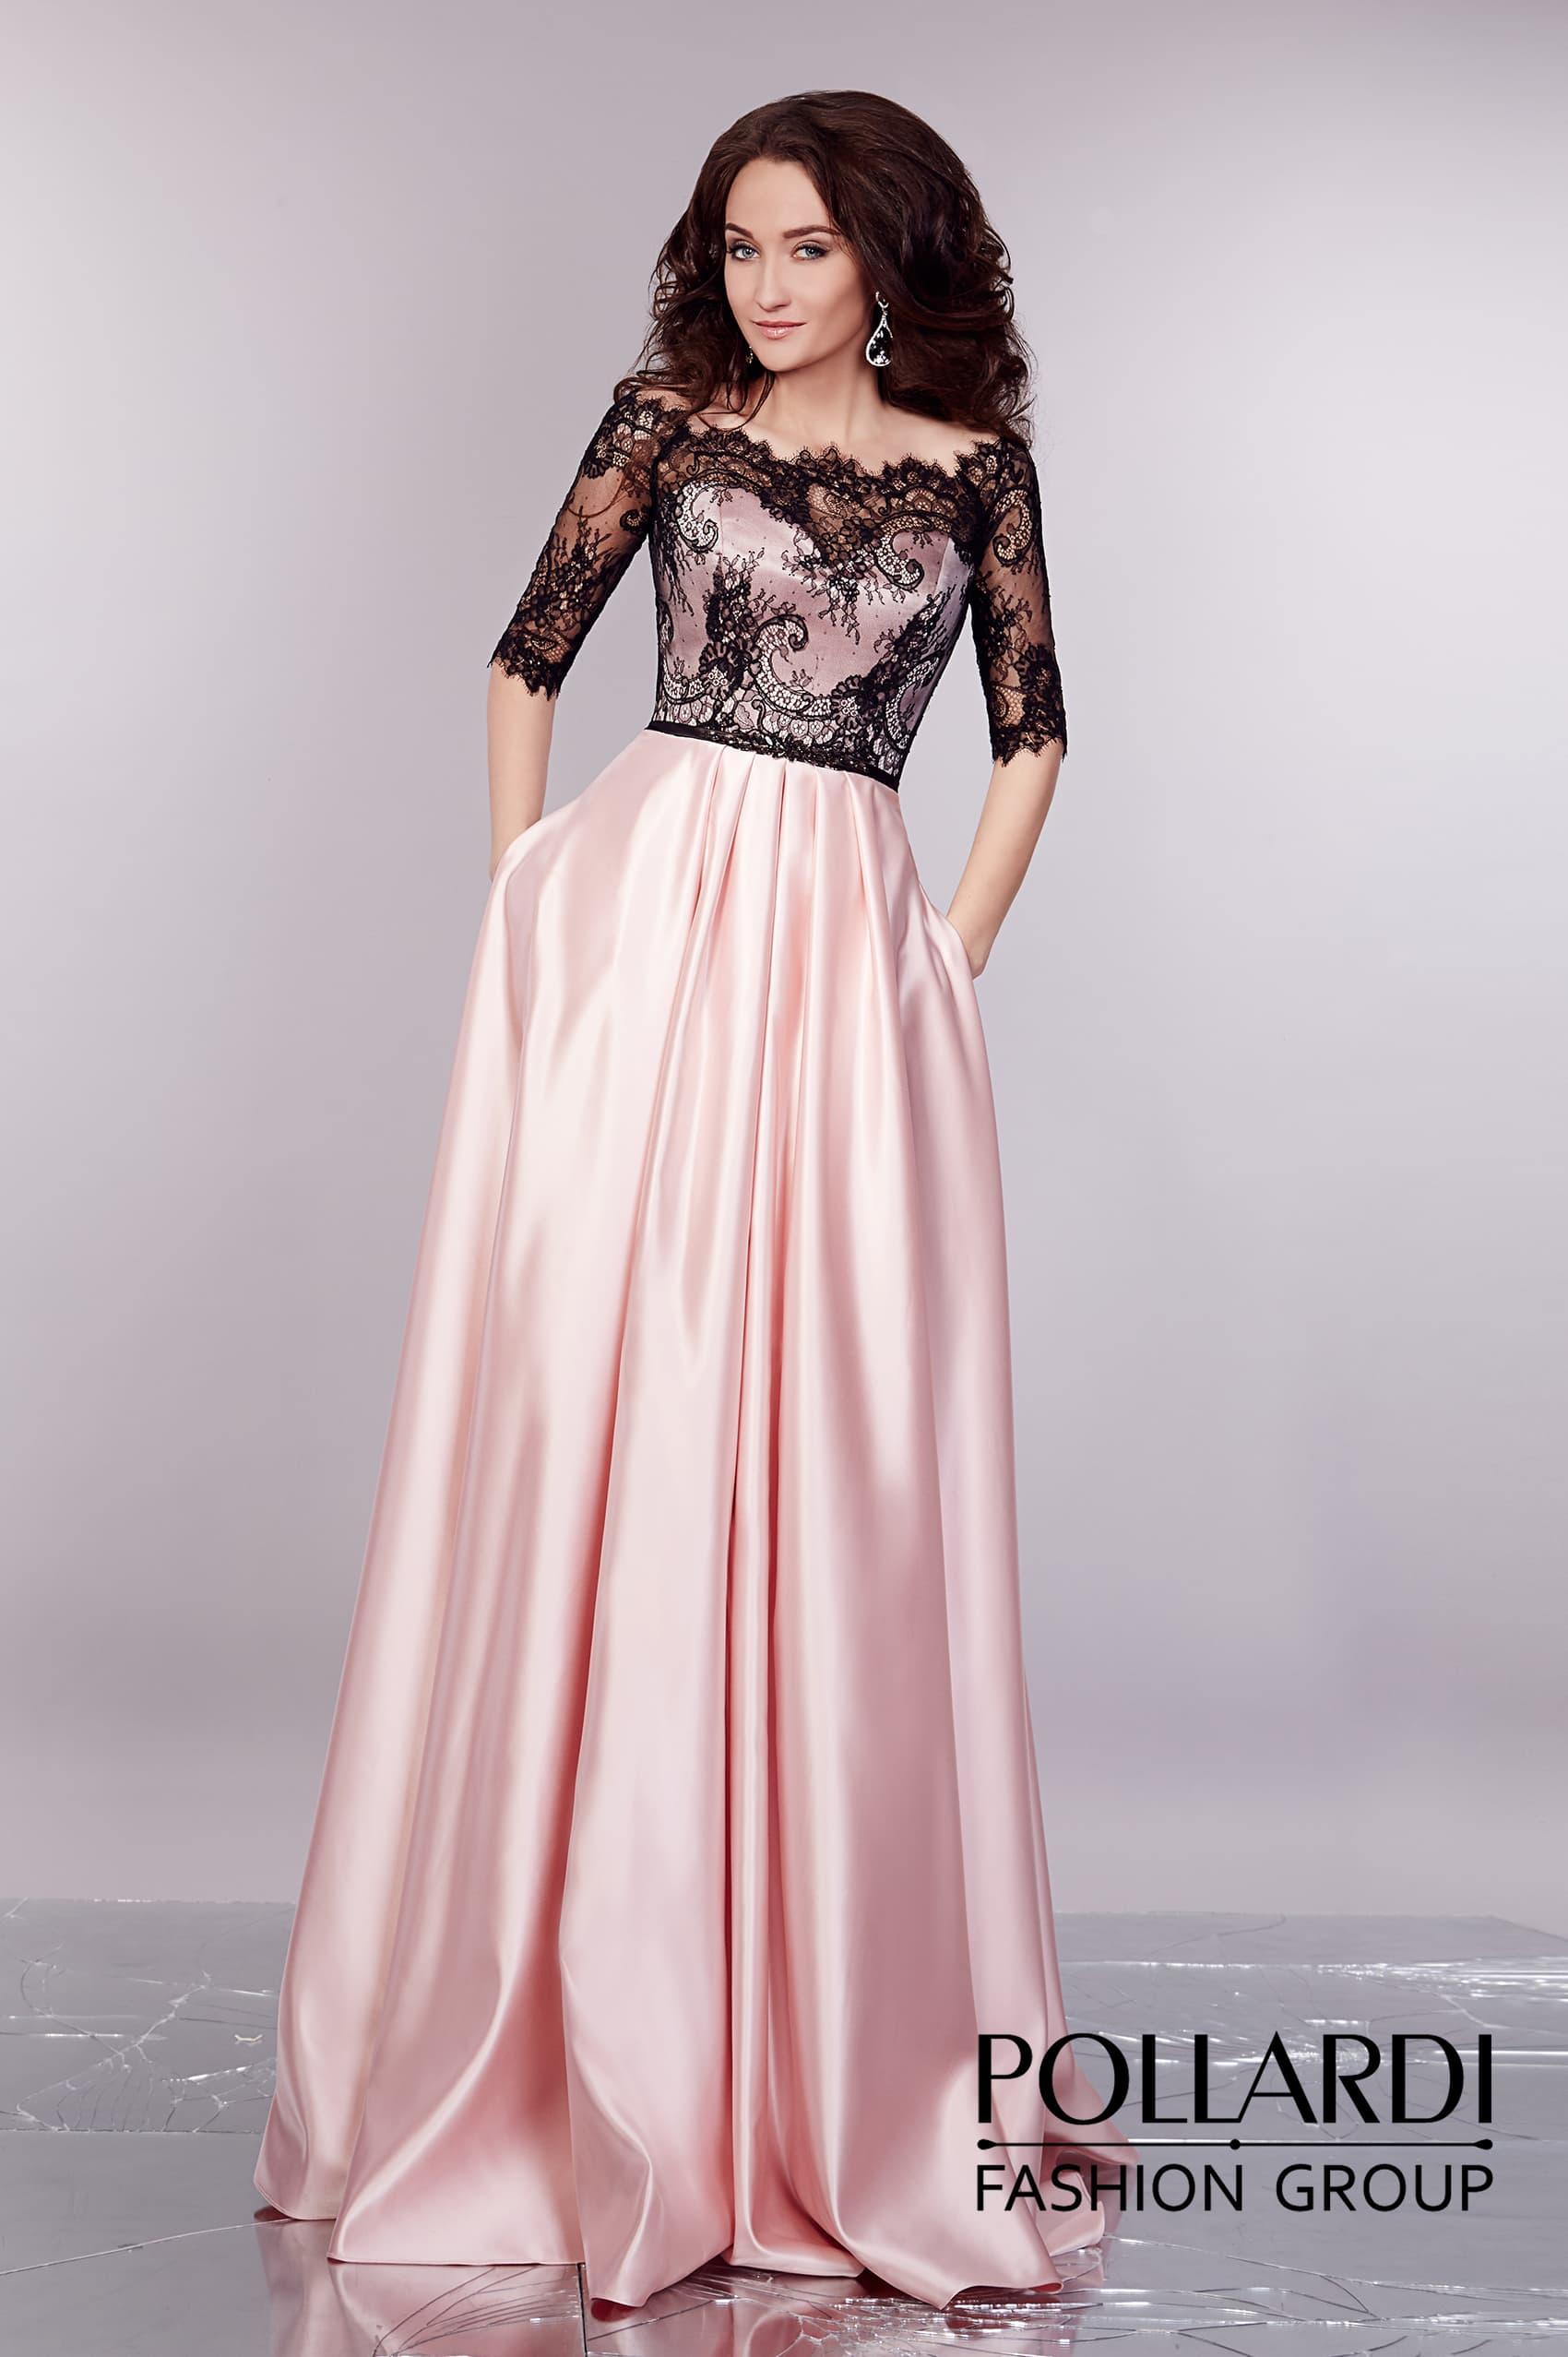 84ca29320c0 Розовое вечернее платье из глянцевого атласа с верхом из контрастного  черного кружева.